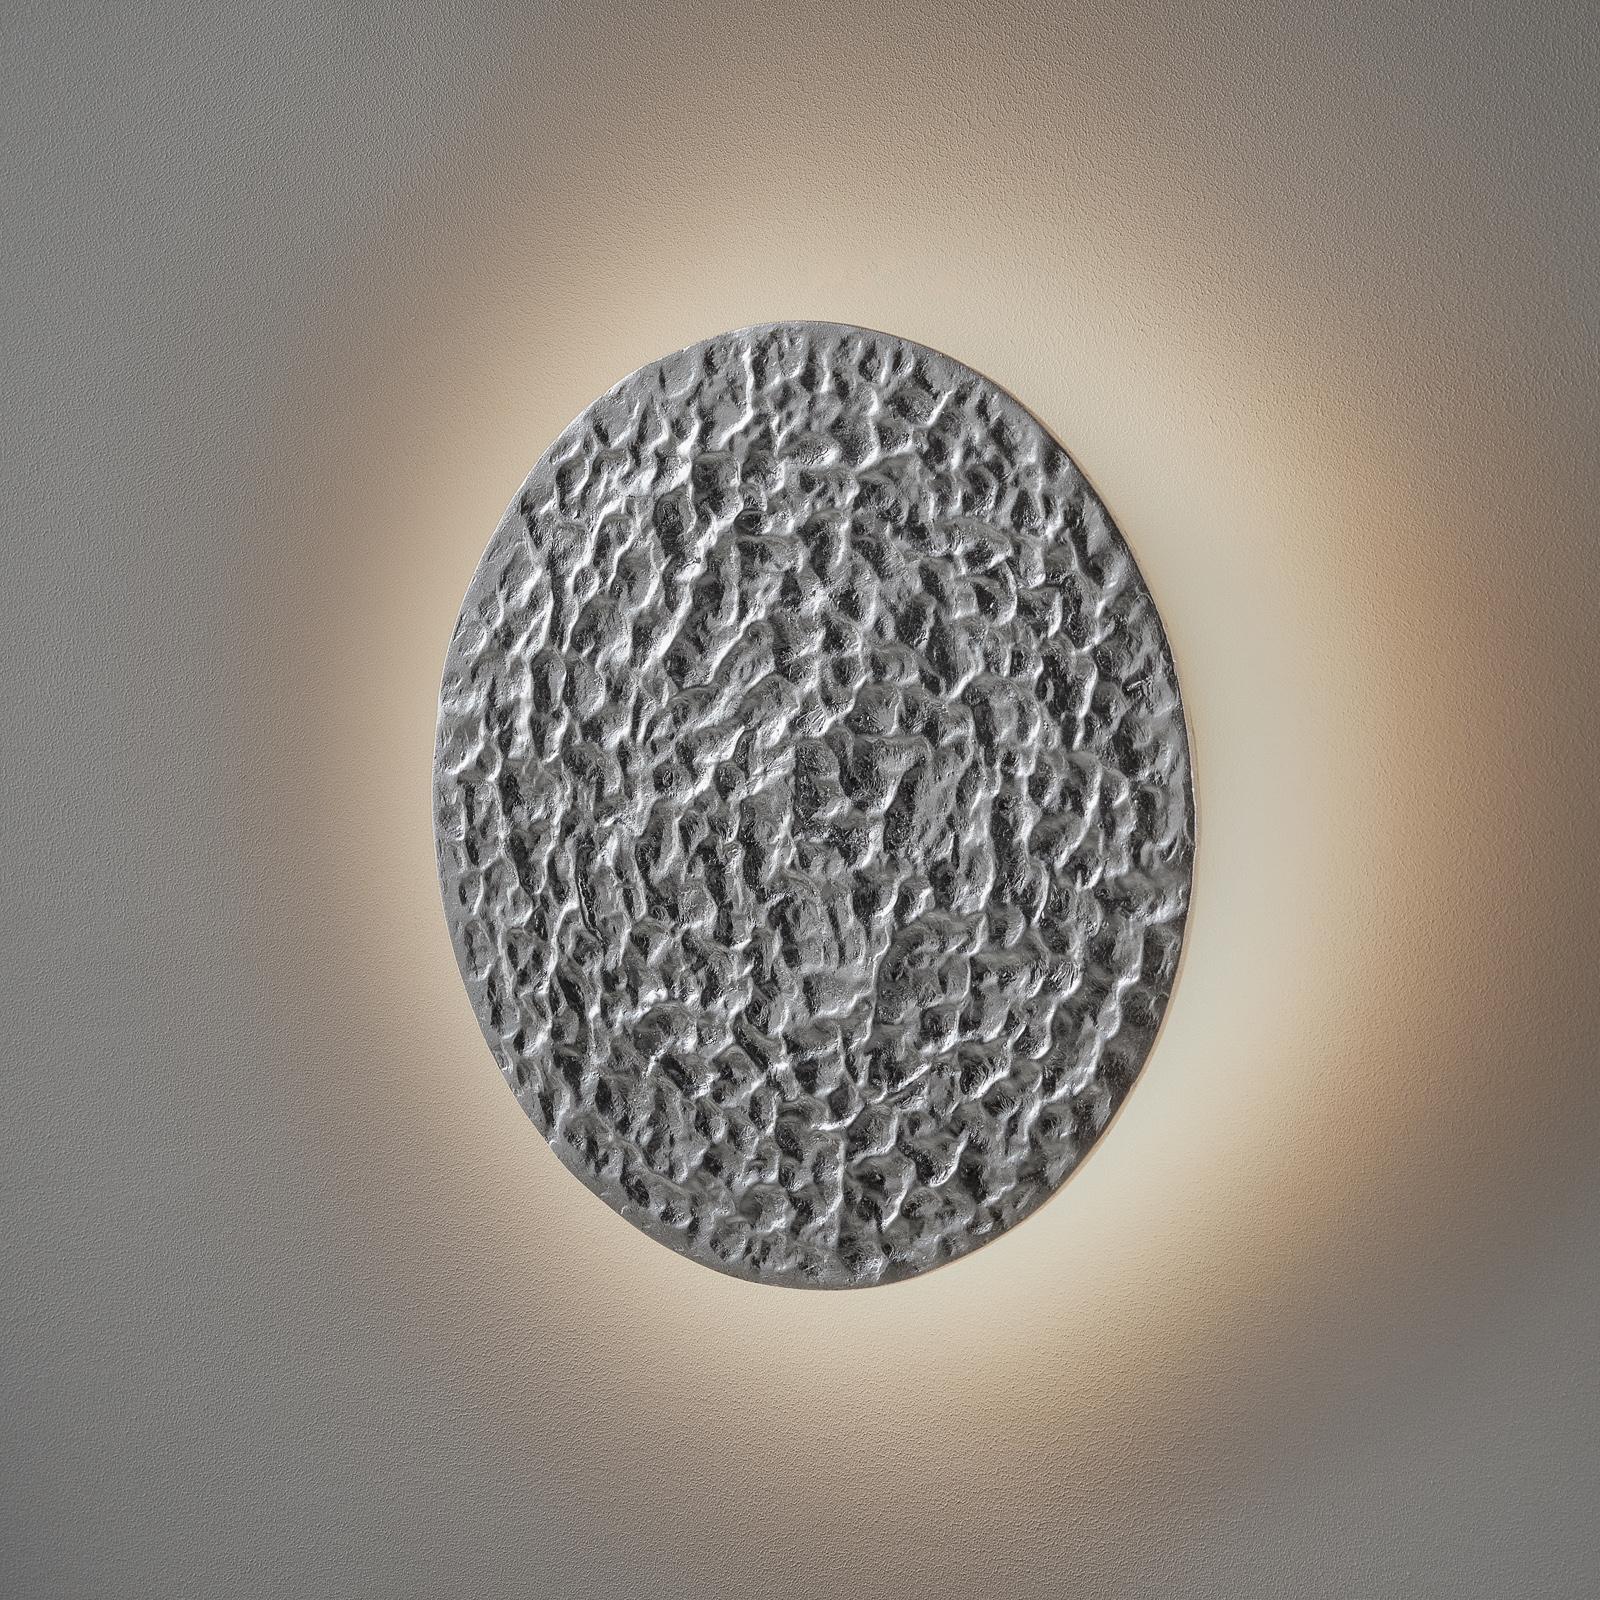 LED-vegglampe Meteor, Ø 27 cm, sølv